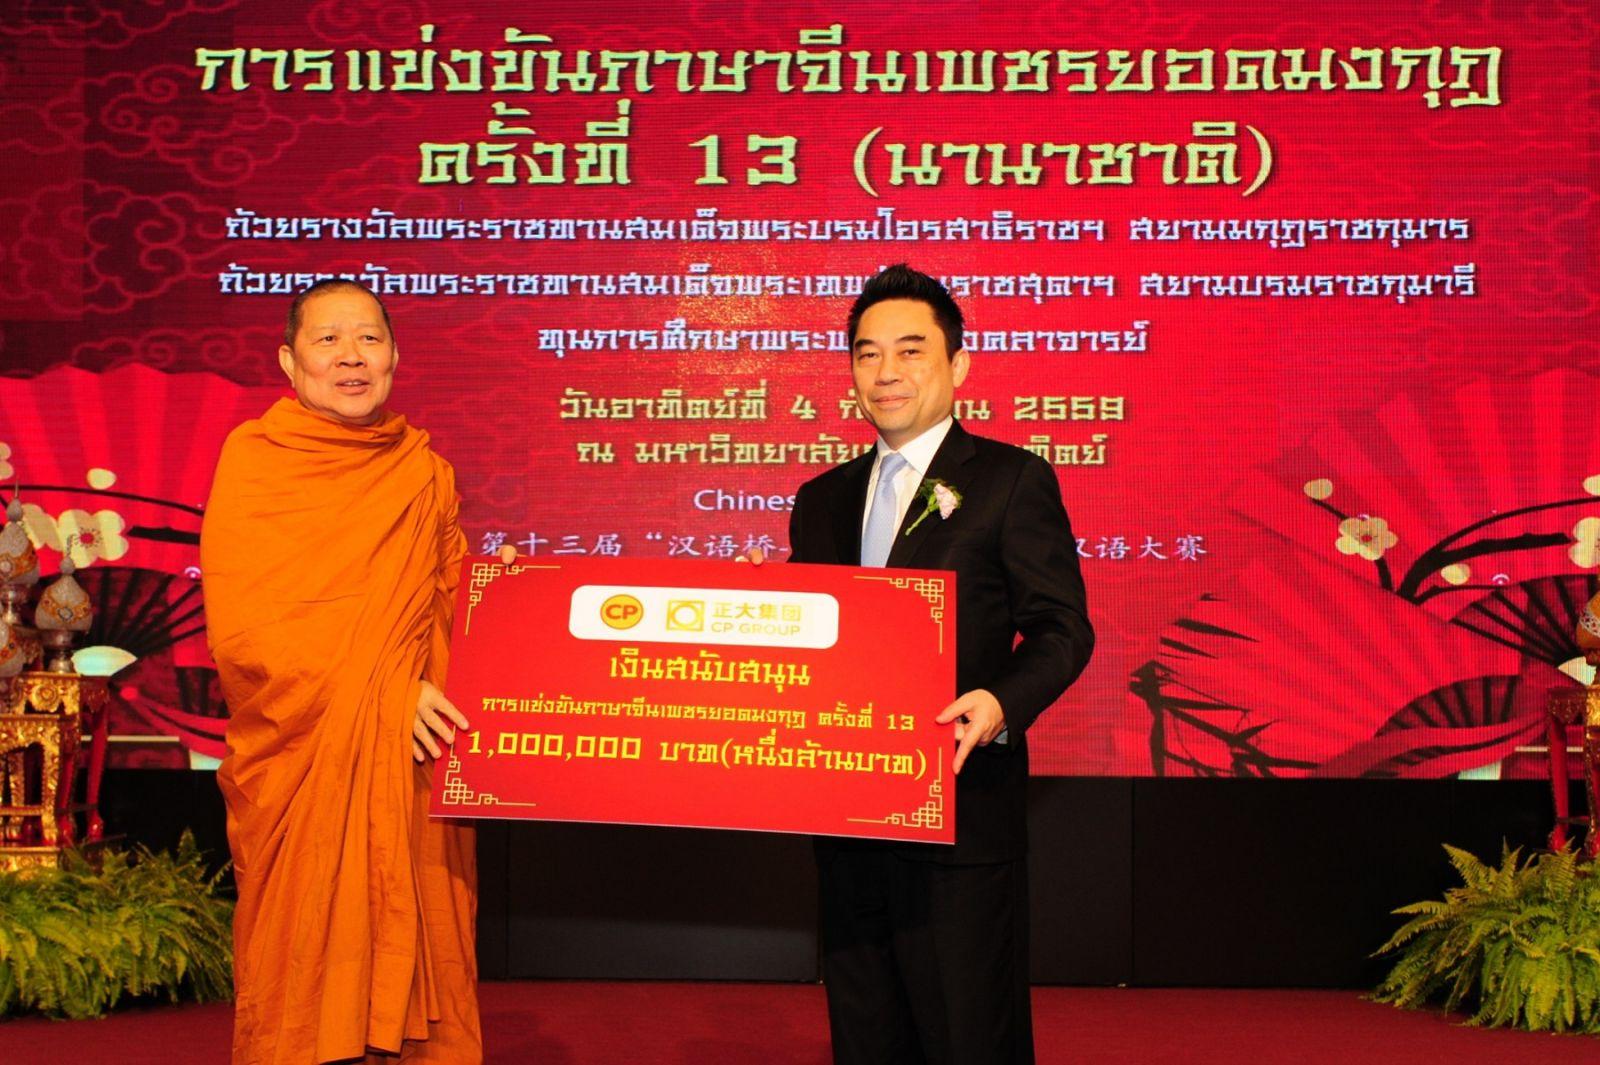 เครือเจริญโภคภัณฑ์ สนับสนุนการแข่งขันภาษาจีนเพชรยอดมงกุฎ ครั้งที่ 13